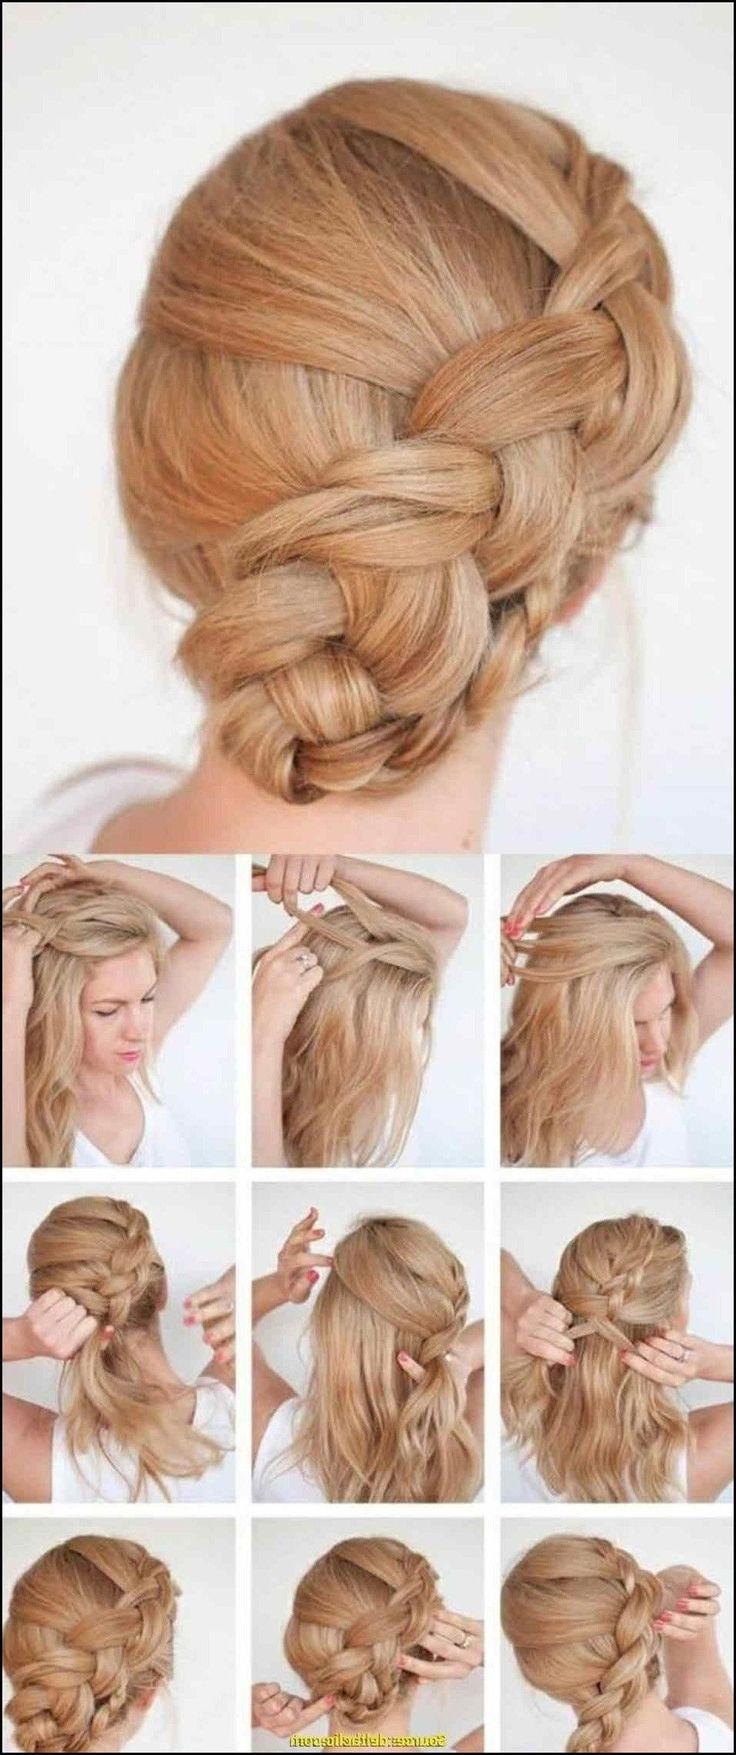 Dirndl Frisuren Lange Haare Frisch Frisur Haare Frisur Zopf - hairstyles lange haare tutorial hairstyles lange haare  bandana   hairstyles lange haare...